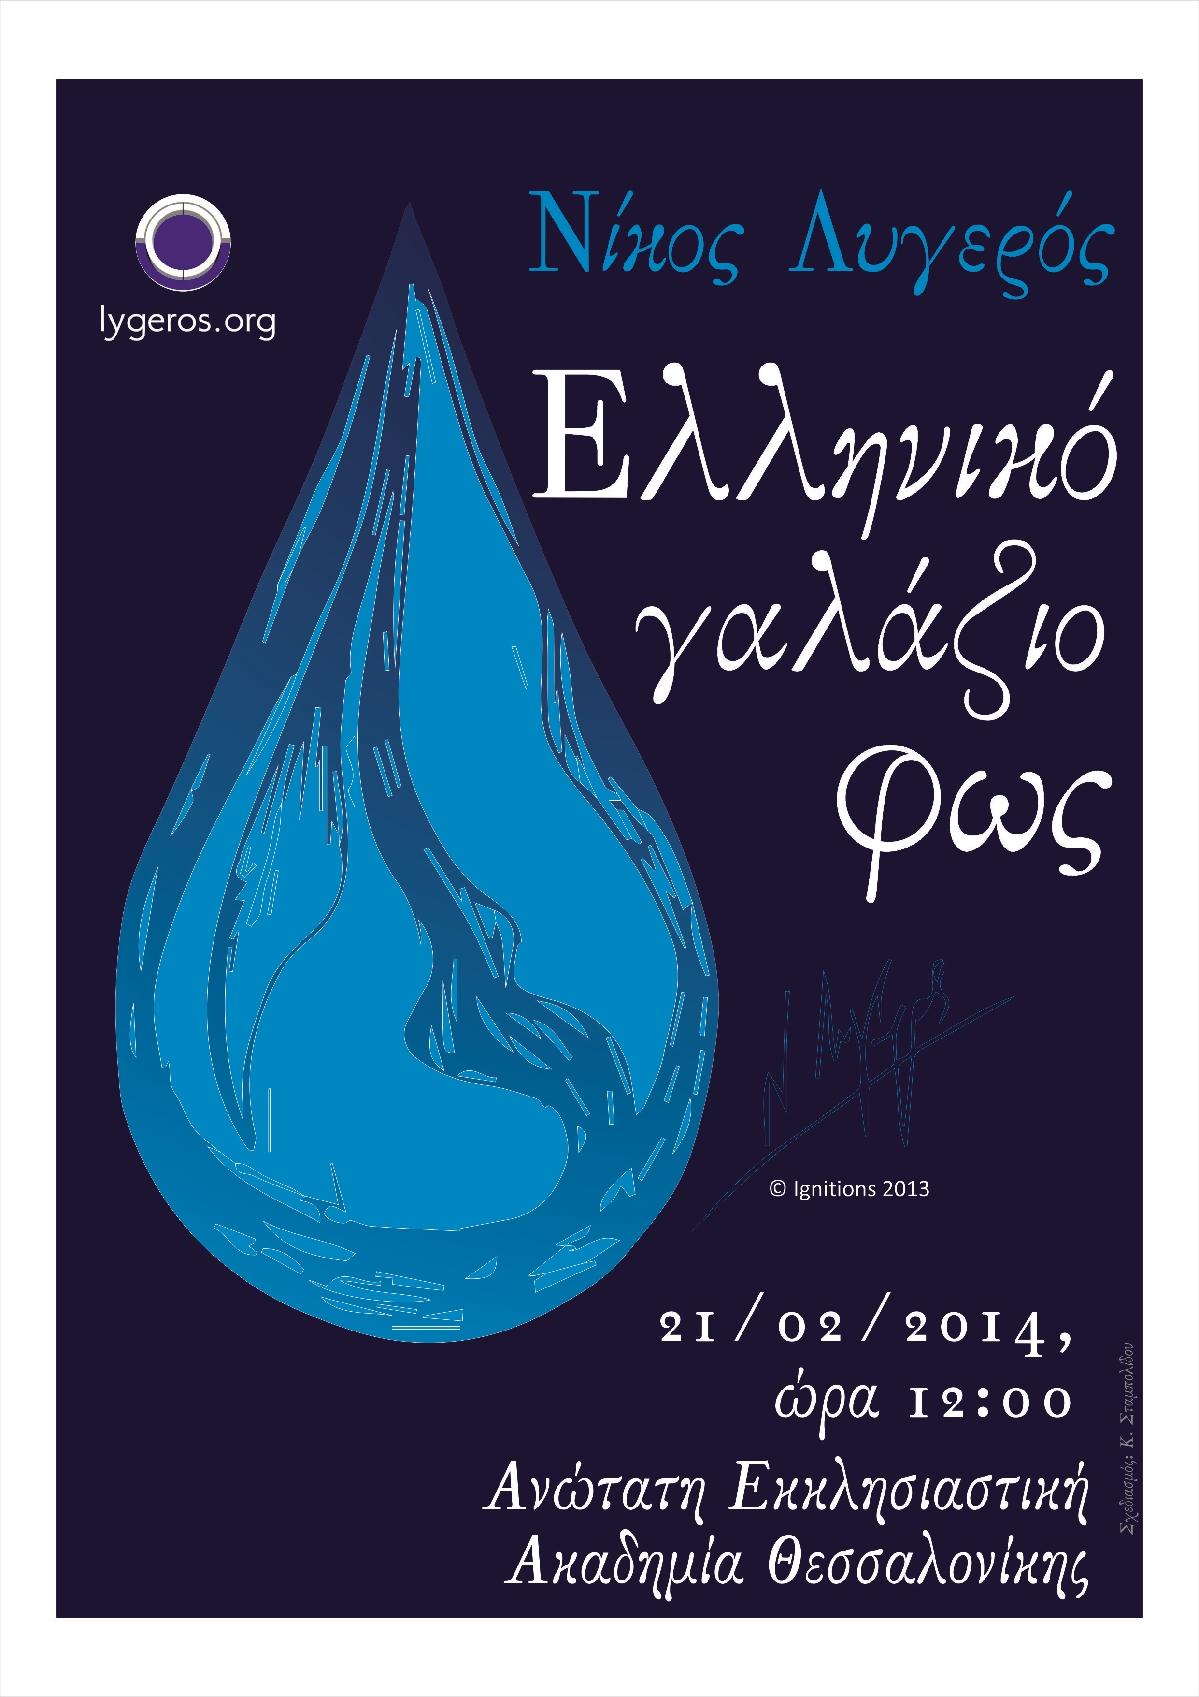 Ελληνικό γαλάζιο φως